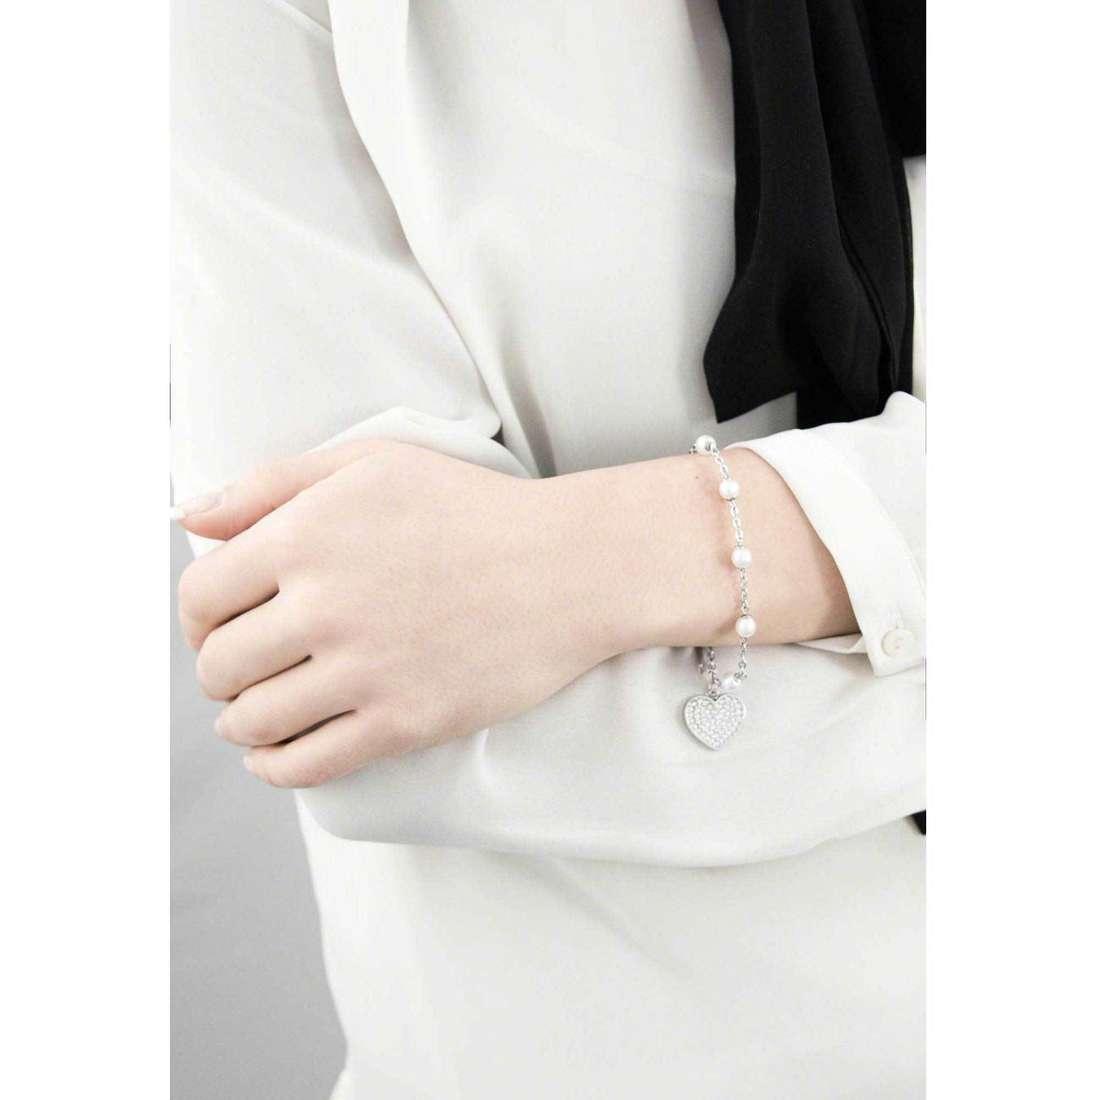 Sagapò bracciali Faith donna SFH12 indosso